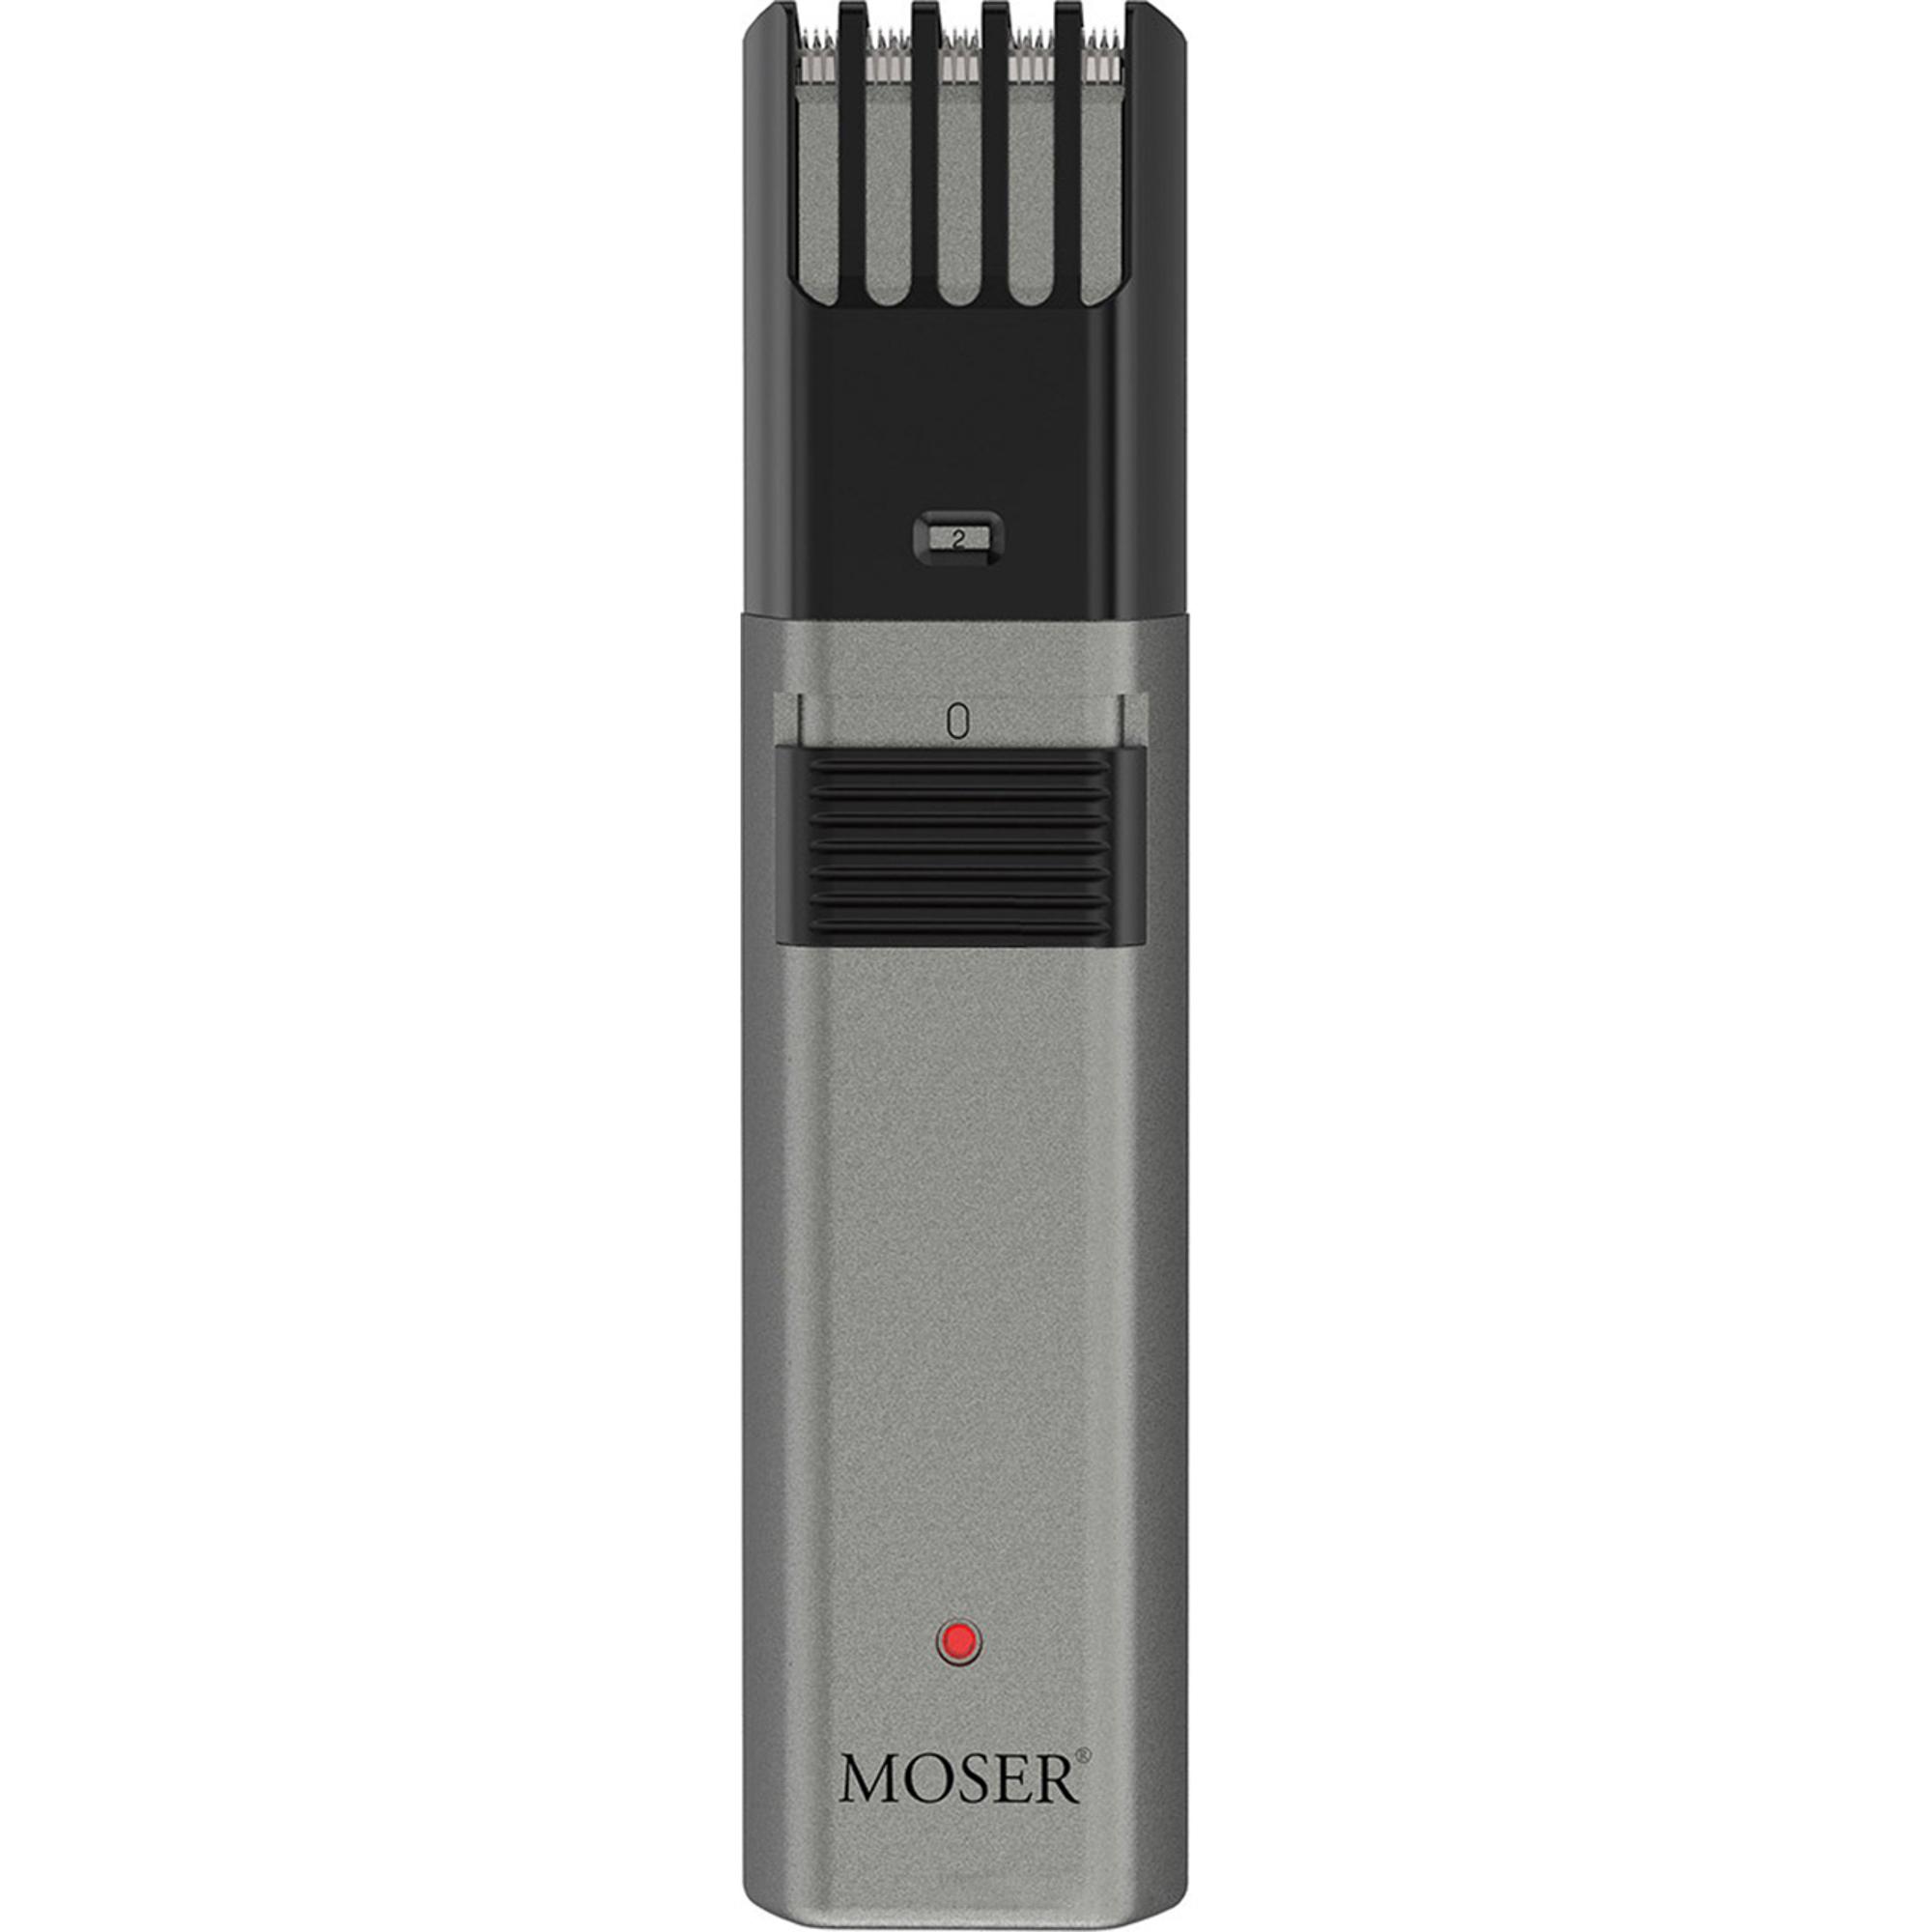 Триммер Moser Classic A 1040.0460 триммер для стрижки усов и бороды remington mb 320 c